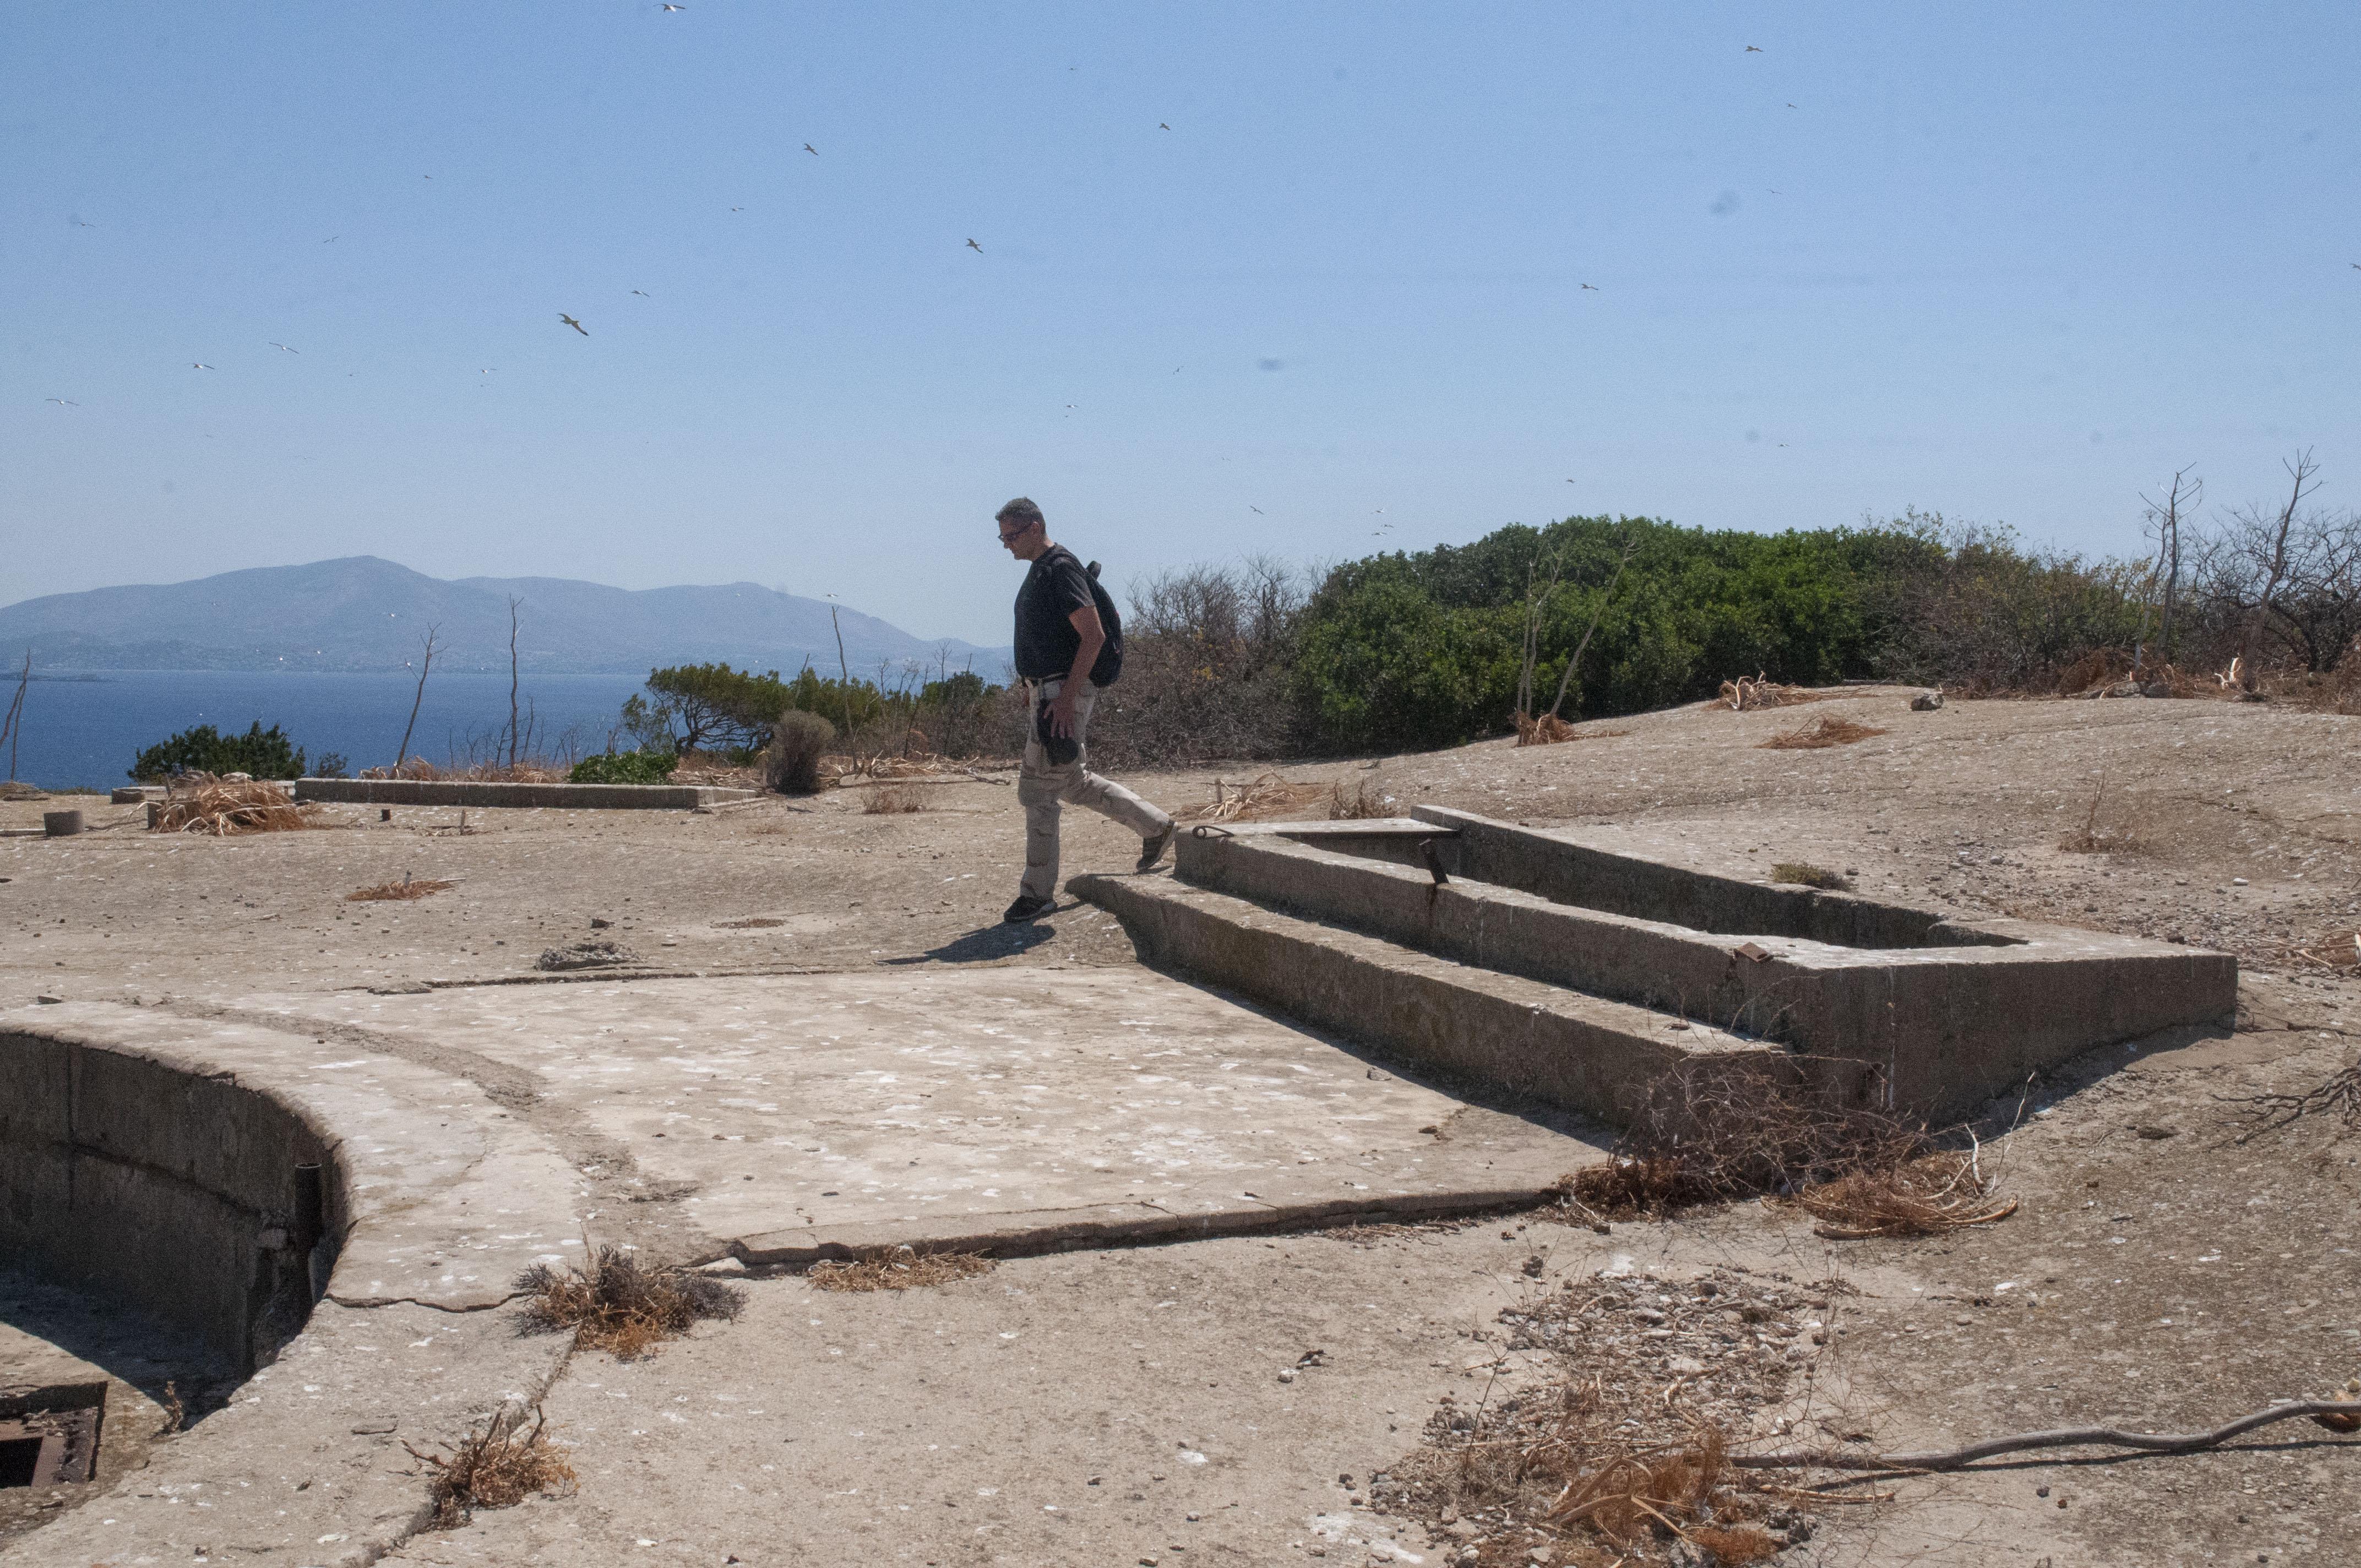 Αριστερά, η βάση του πυροβόλου των 178 χιλιοστών. Δεξιά, η είσοδος στο καταφύγιο.